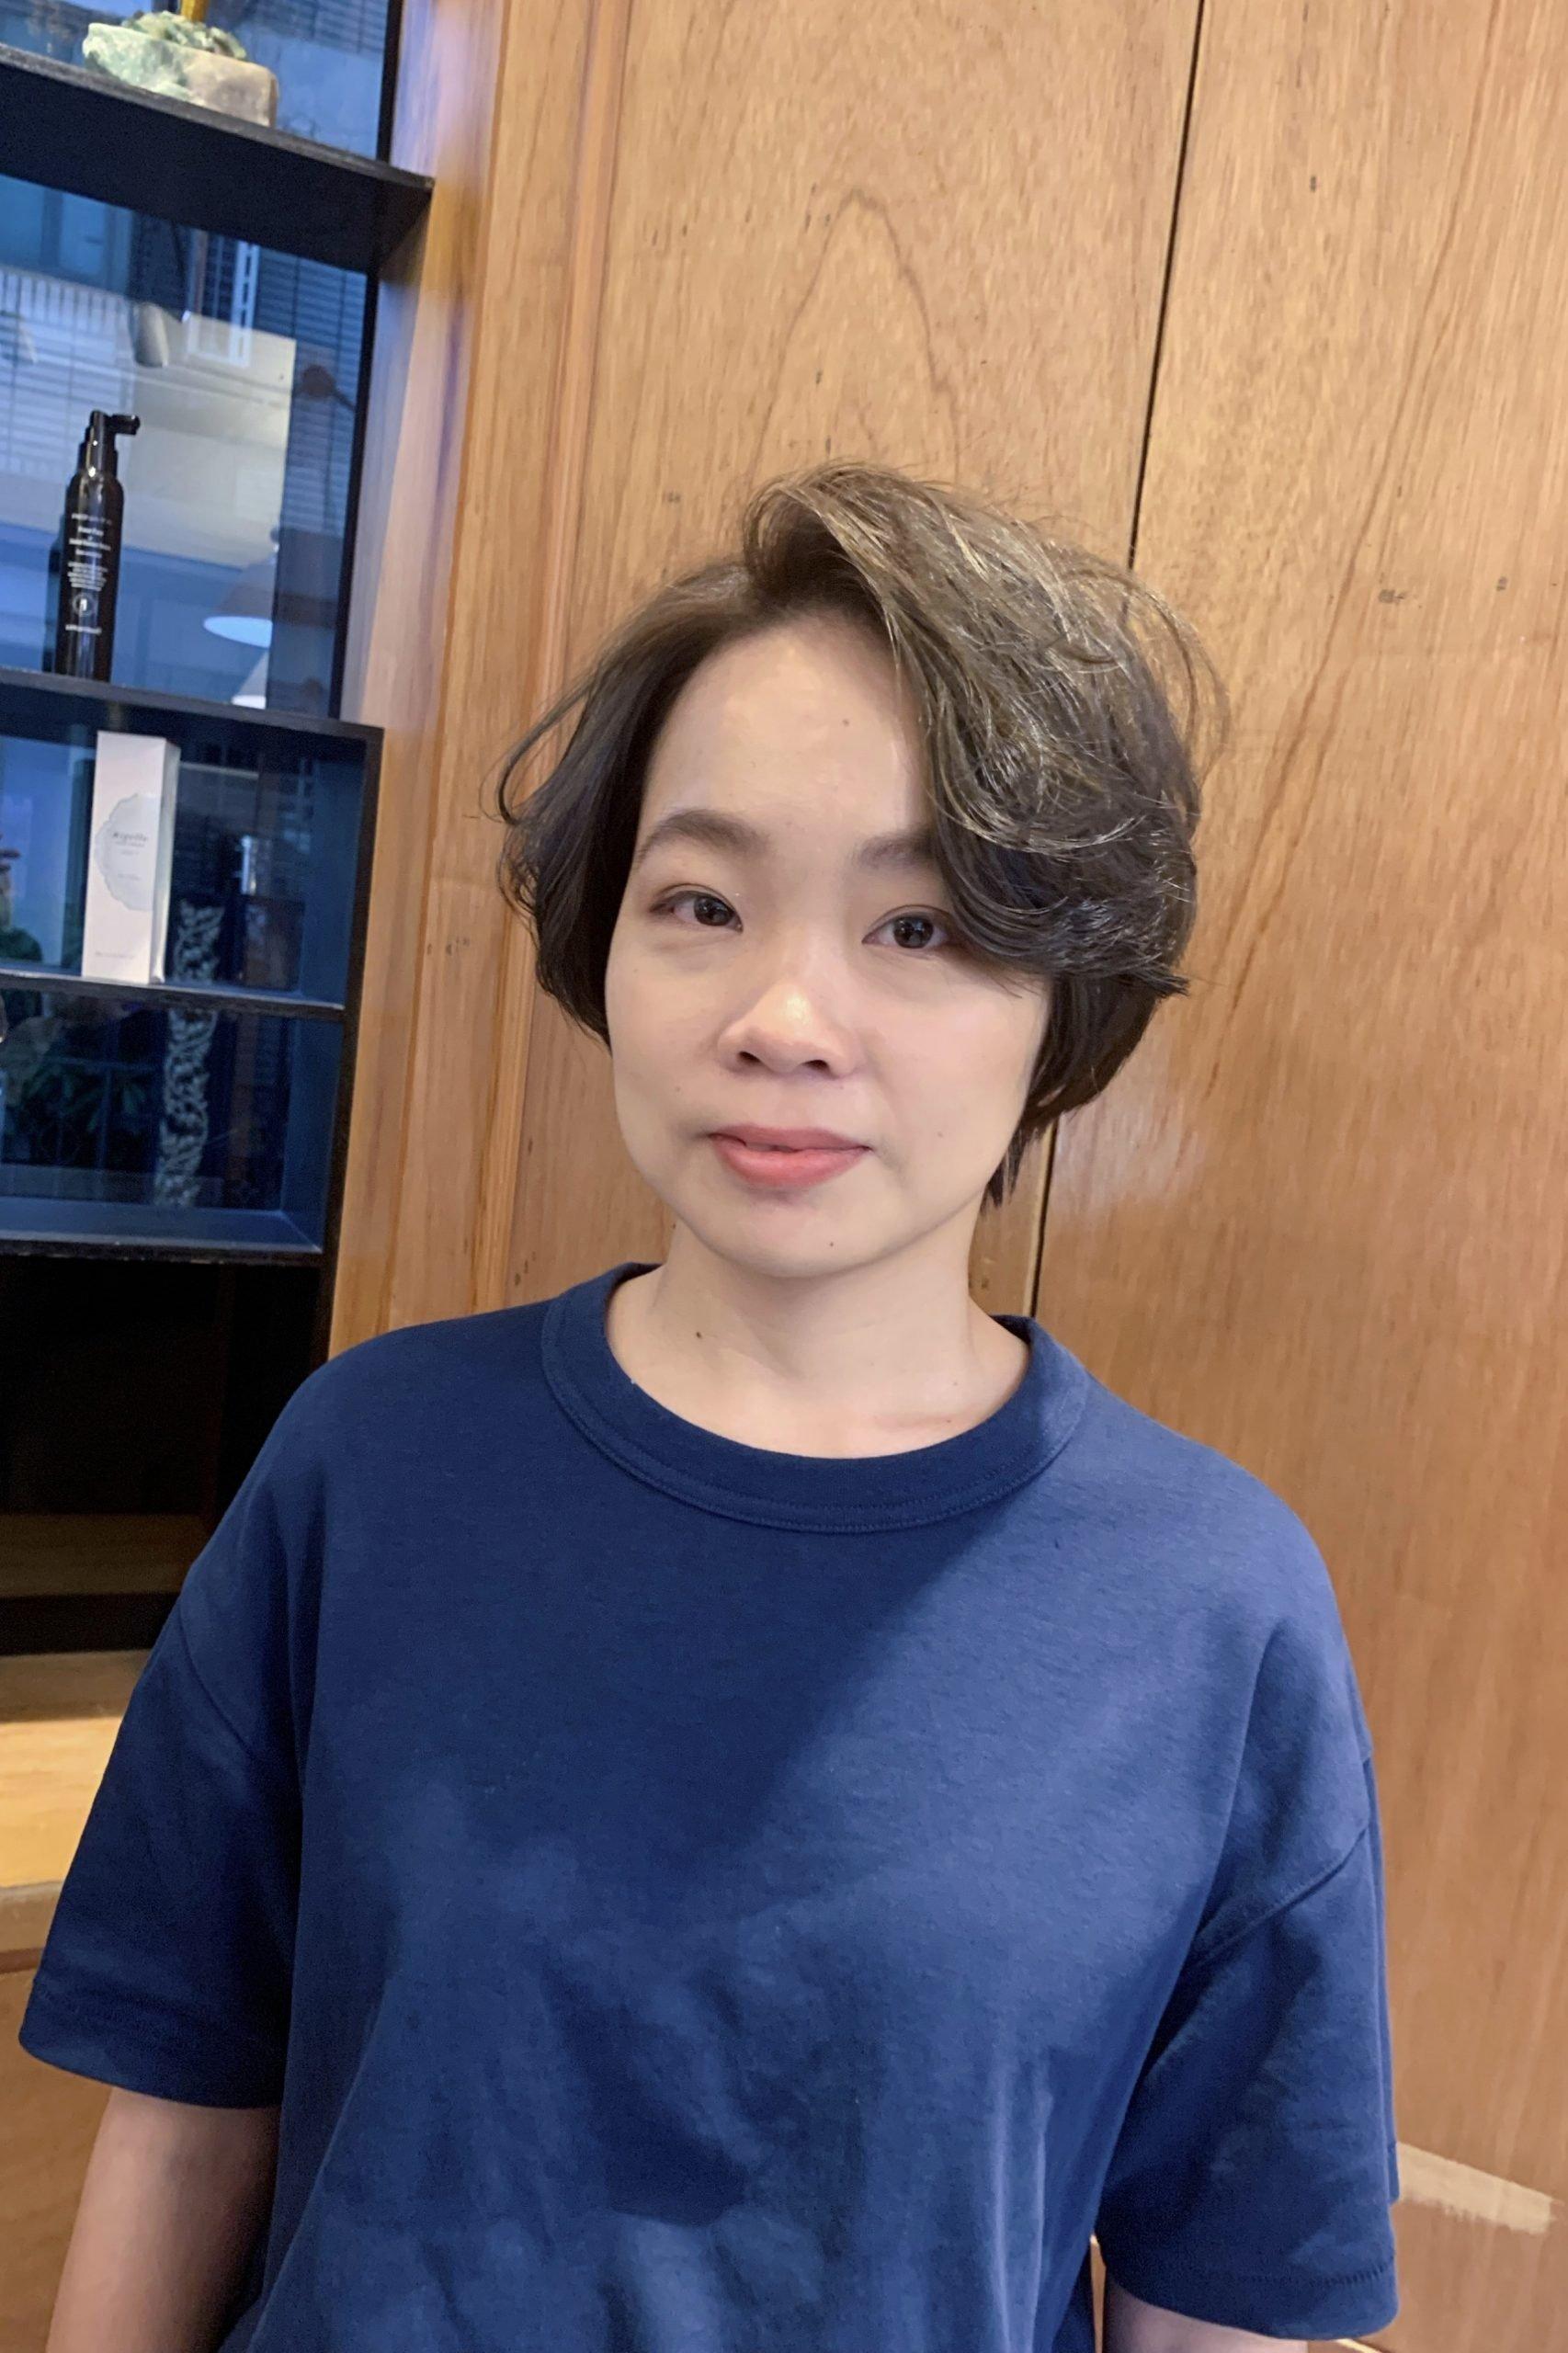 2021女生短髮推薦 | 剪一顆帥氣短髮迎接春天的到來吧 | 中山髮廊in circle